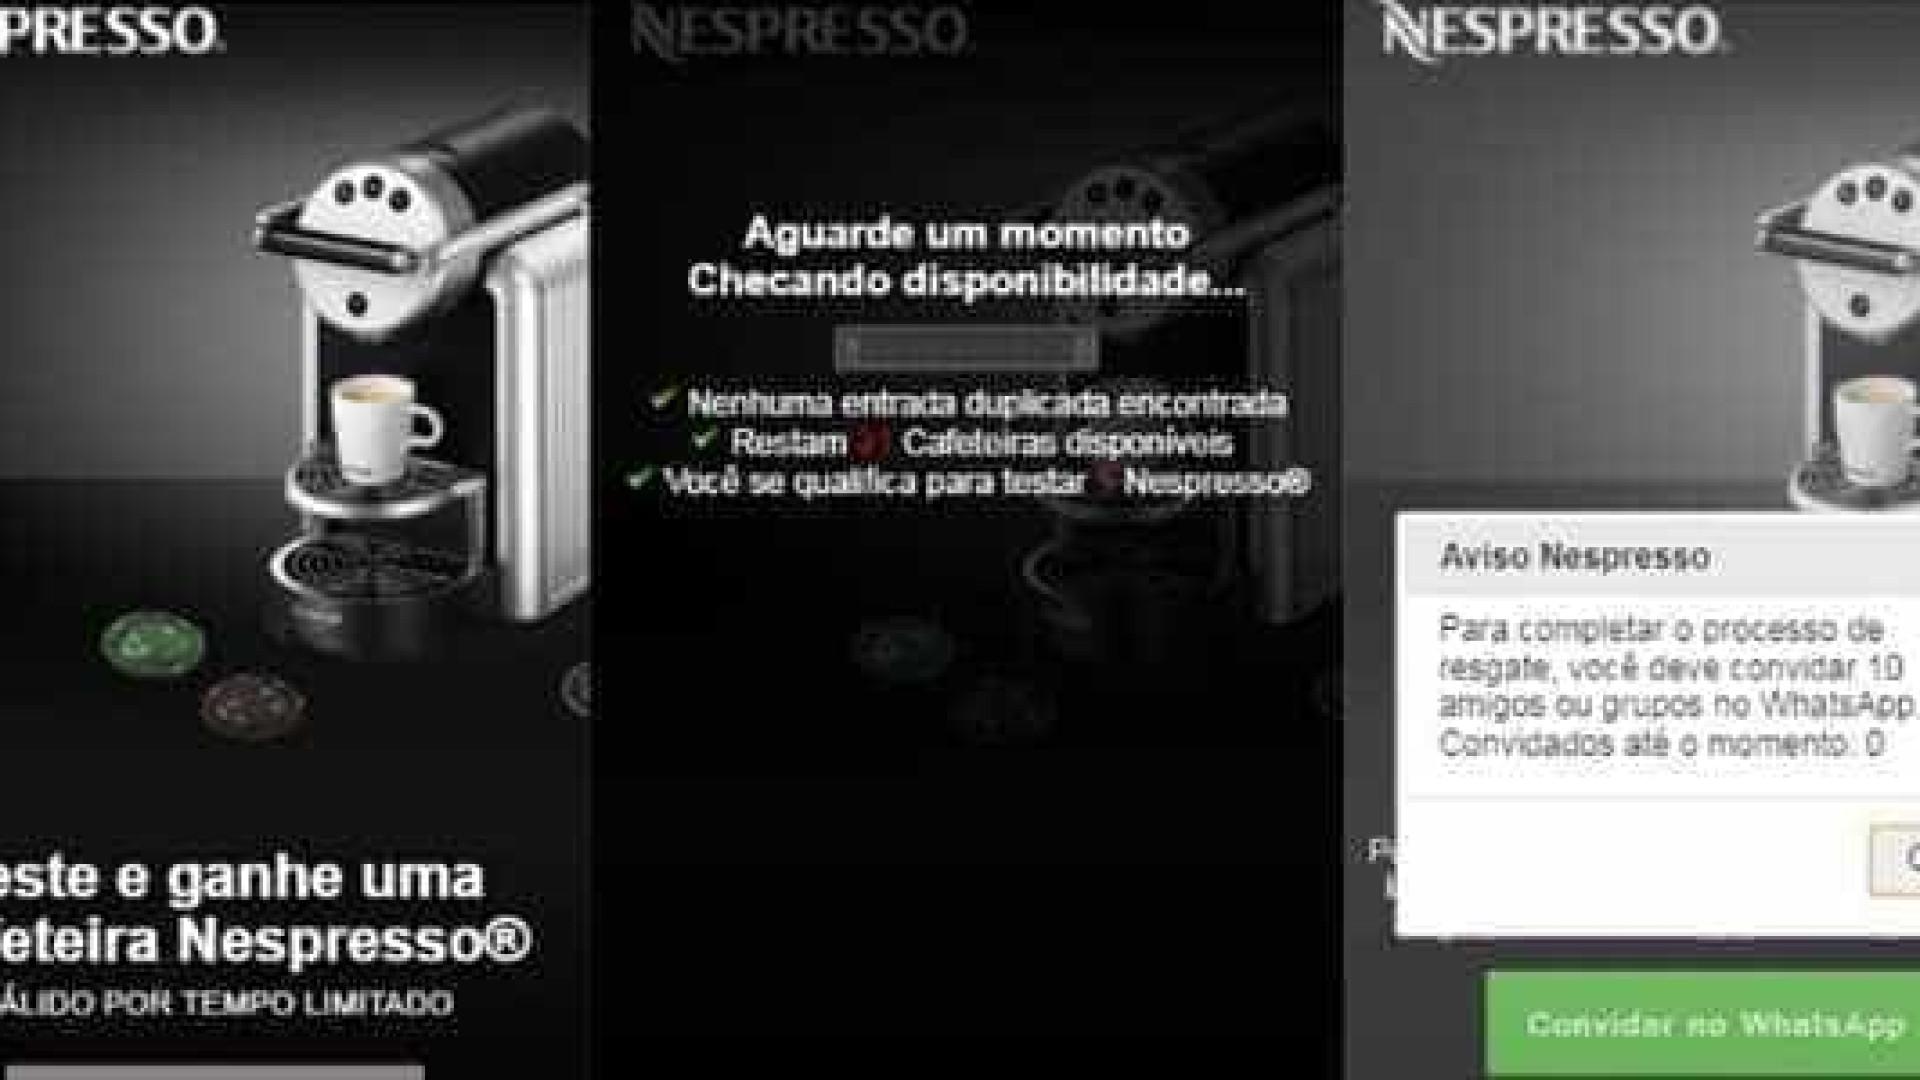 Novo golpe no WhatsApp oferece máquina de café da Nespresso